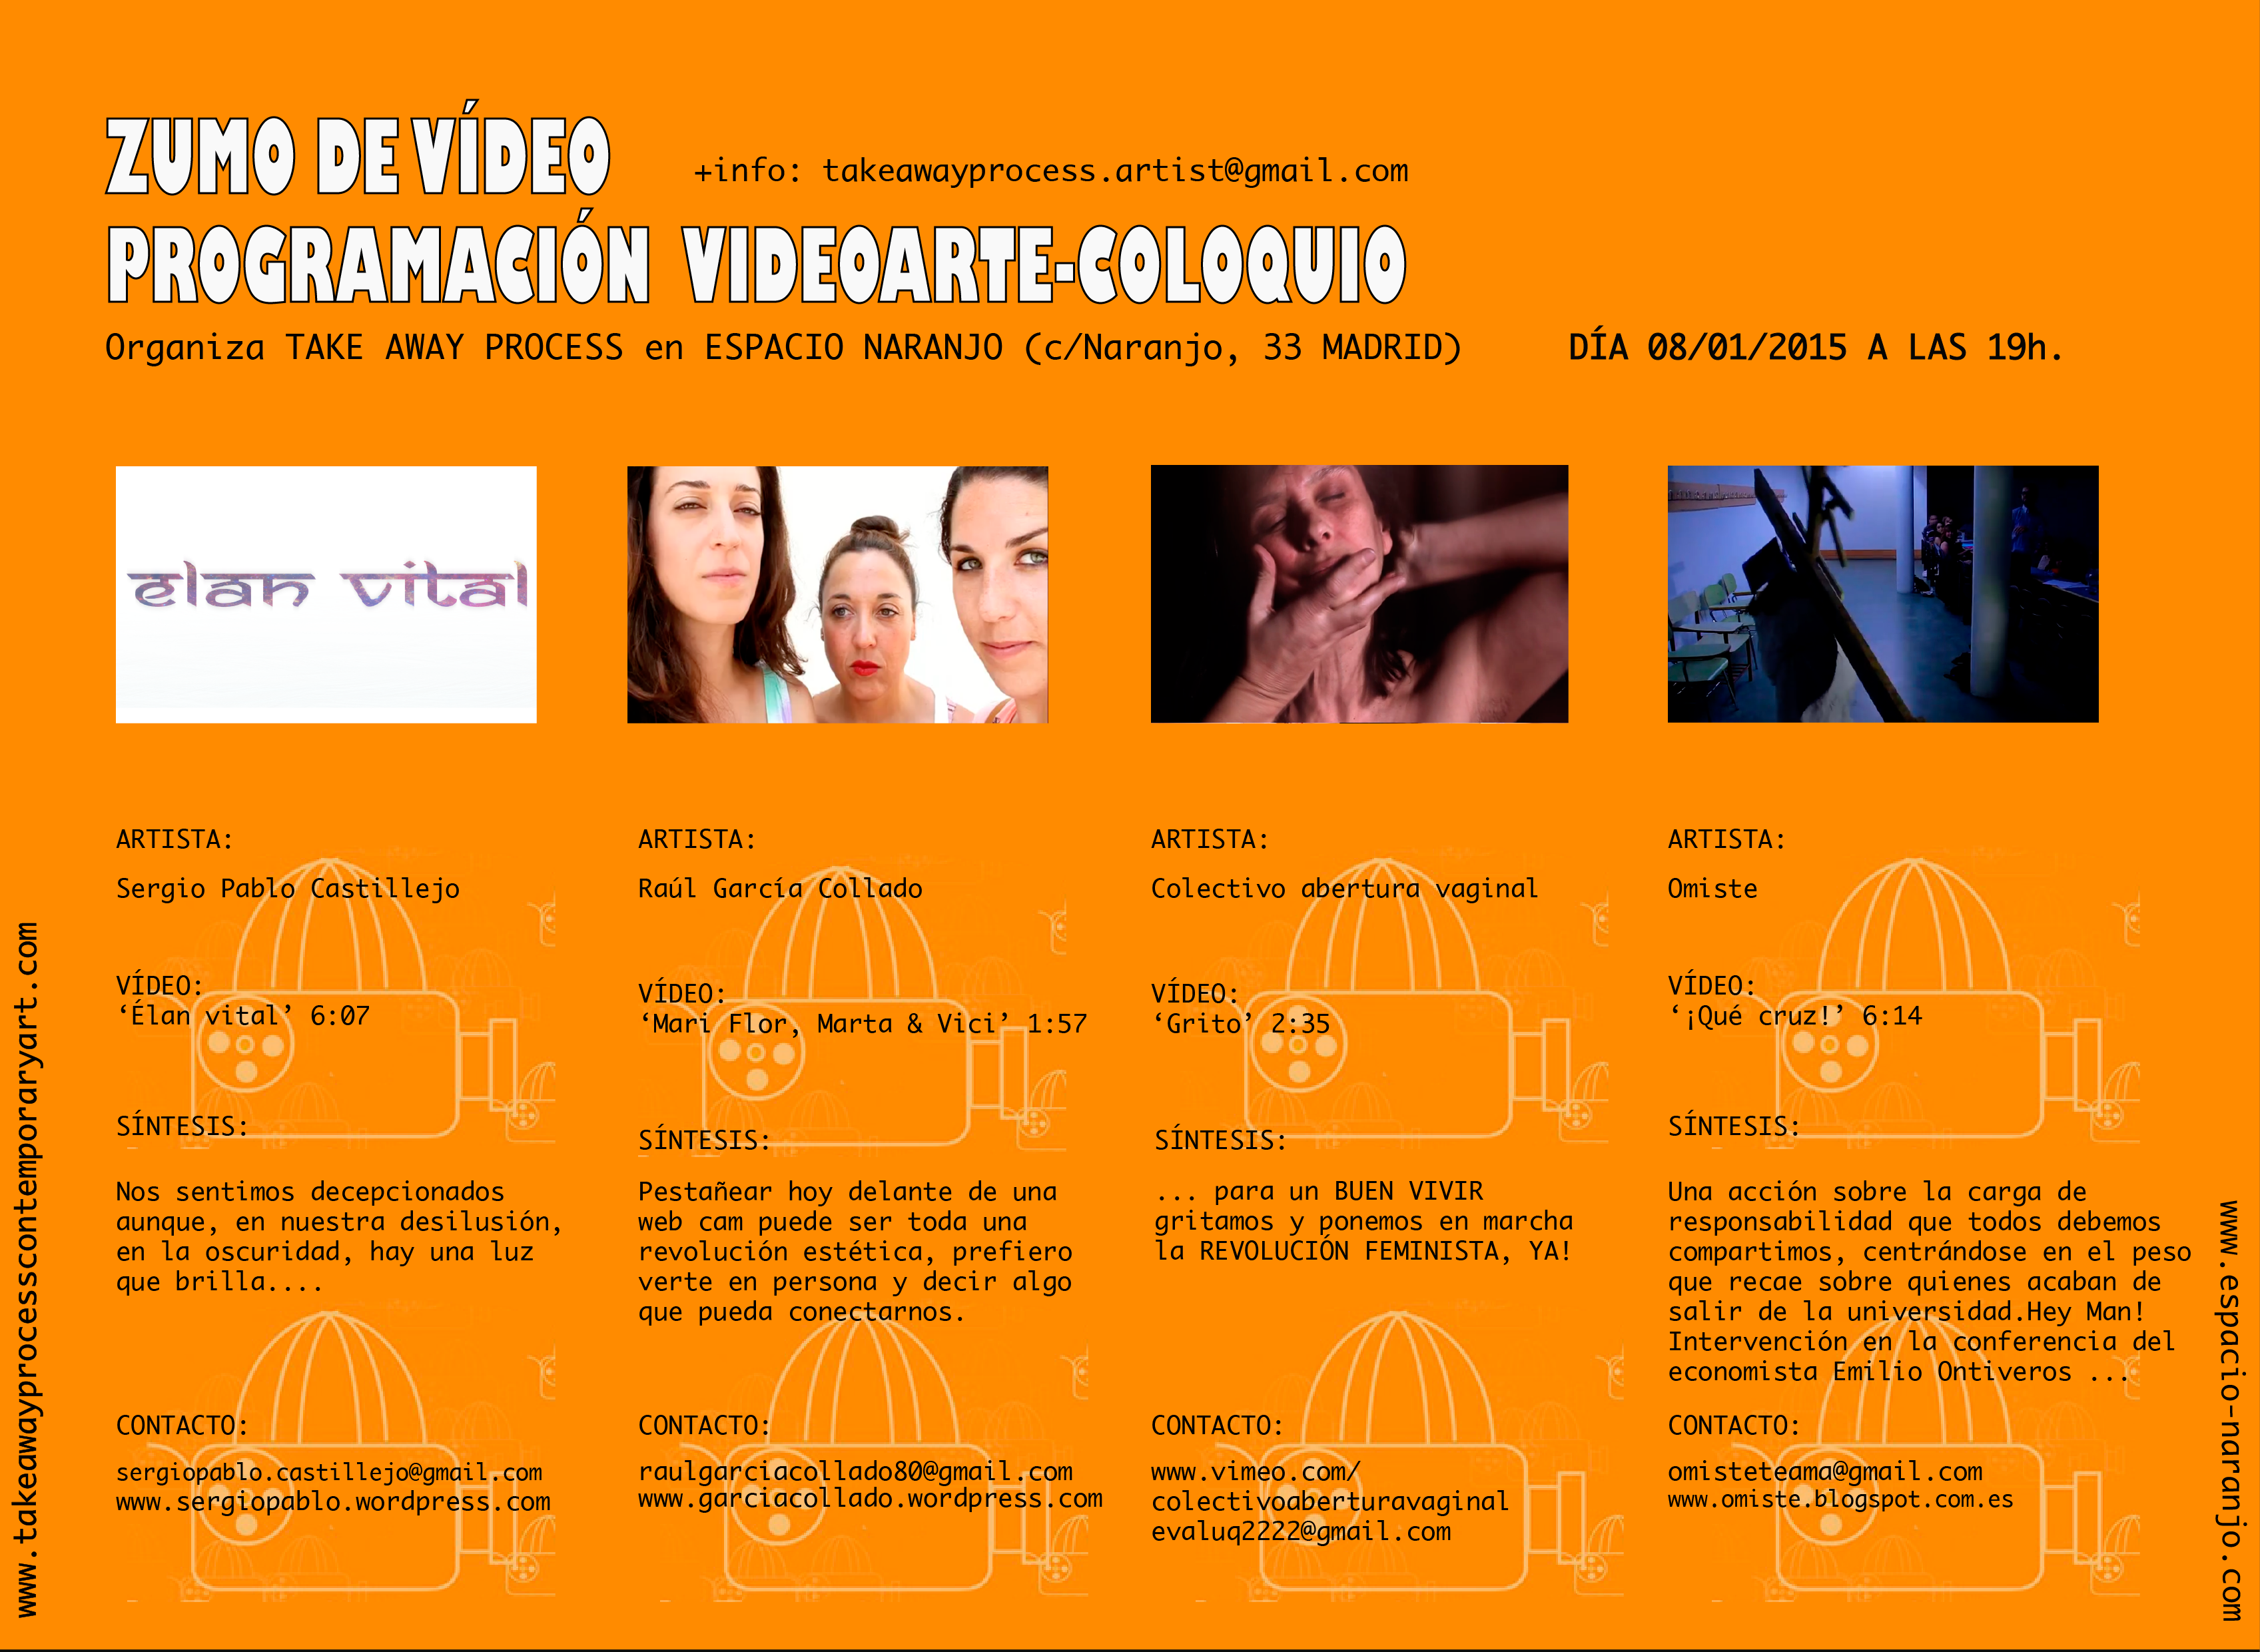 4ª EDICIÓN ZUMO DE VÍDEO